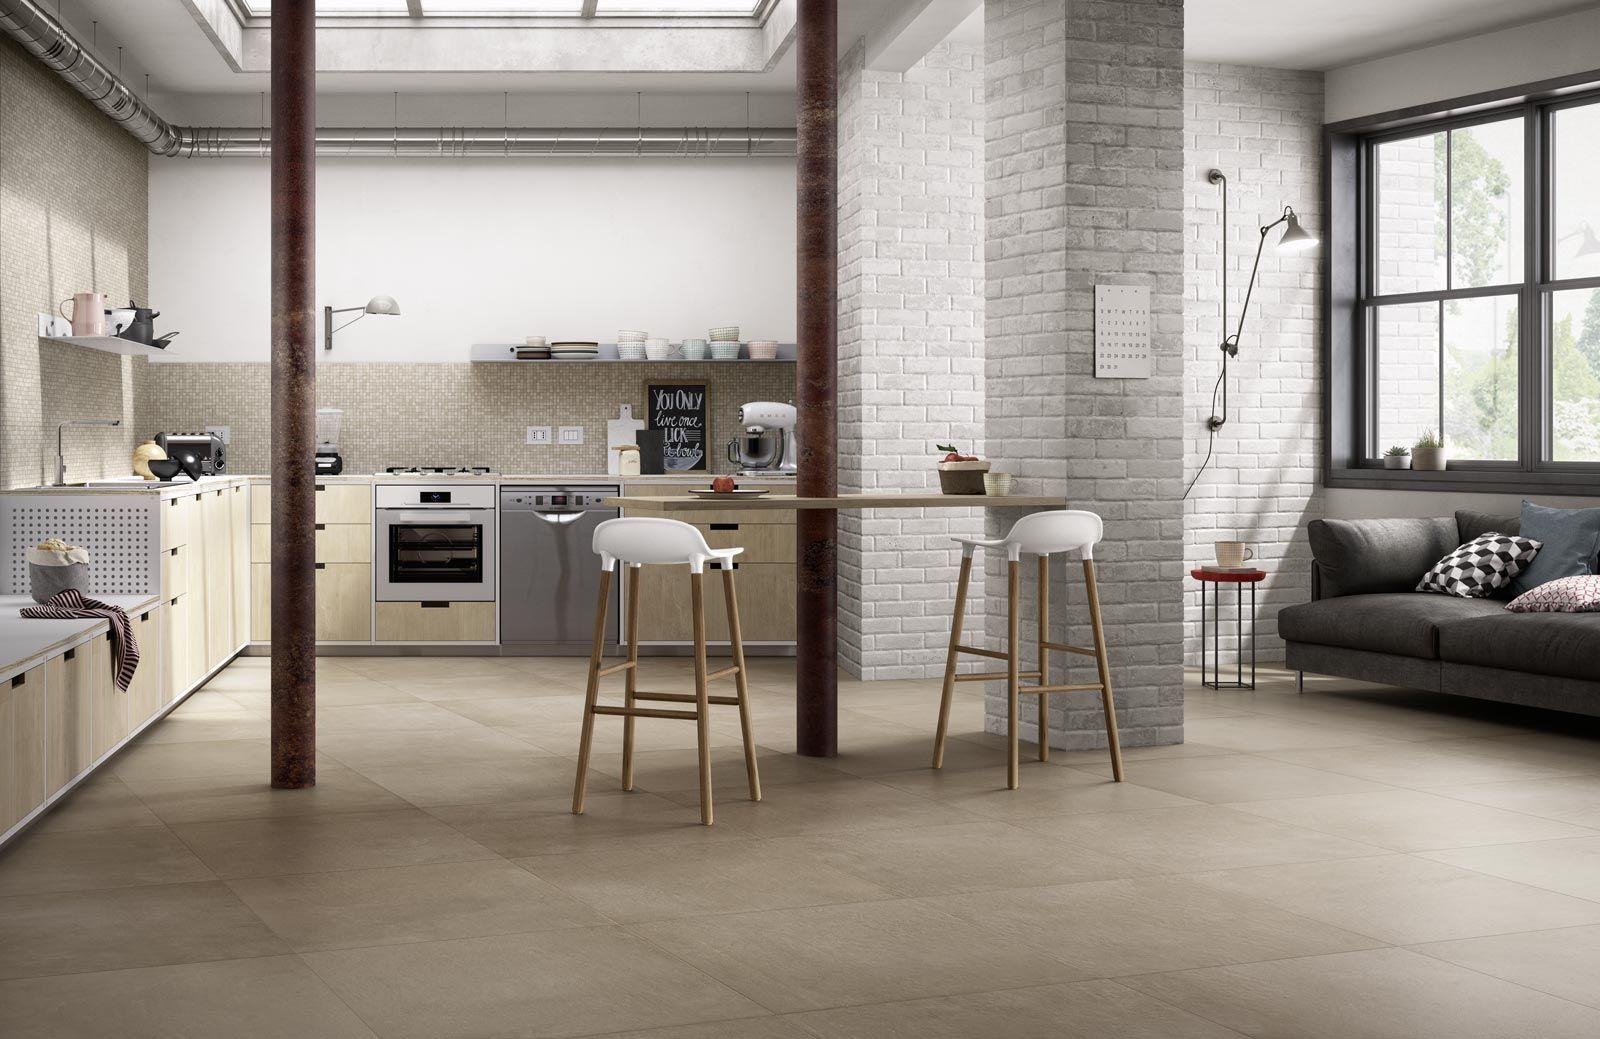 Ragno Bagno ~ G ragno studio contact us for more kitchen